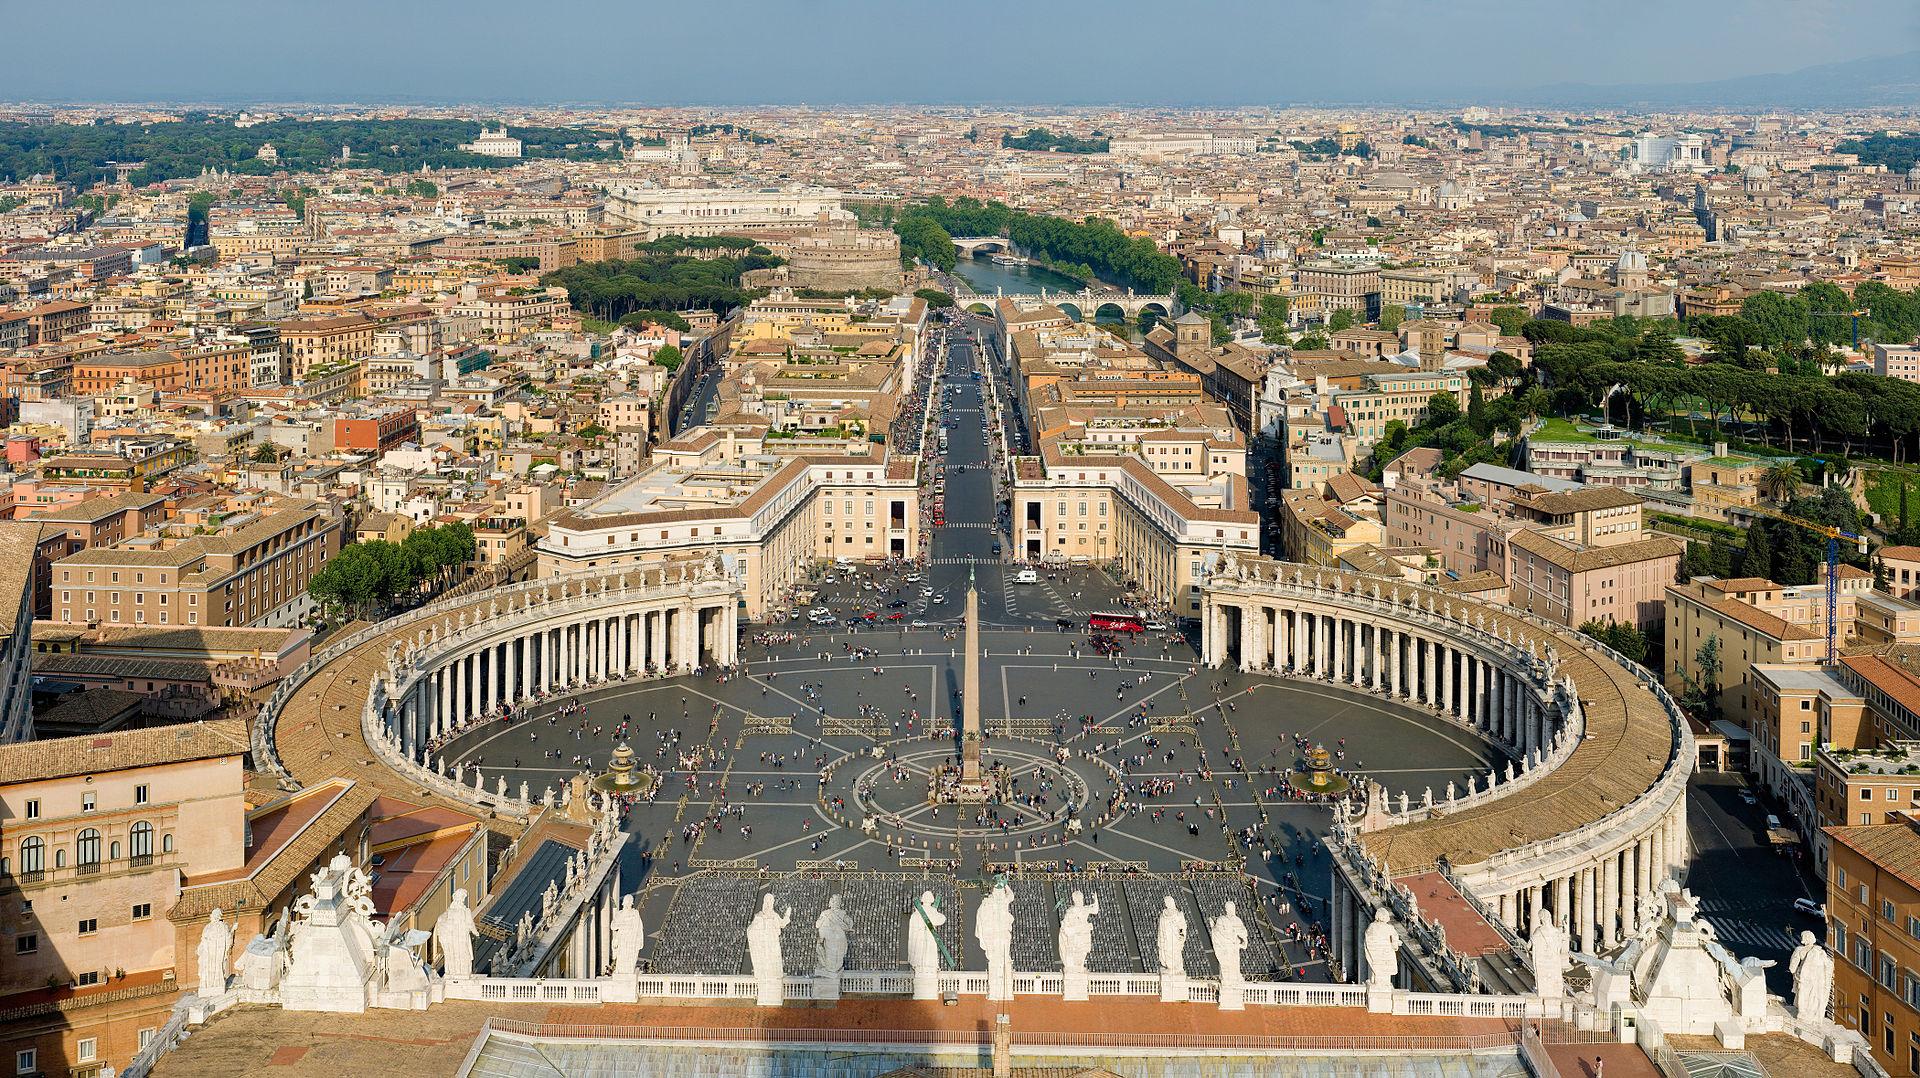 กรุงโรม-จัตุรัสเซนต์ปีเตอร์